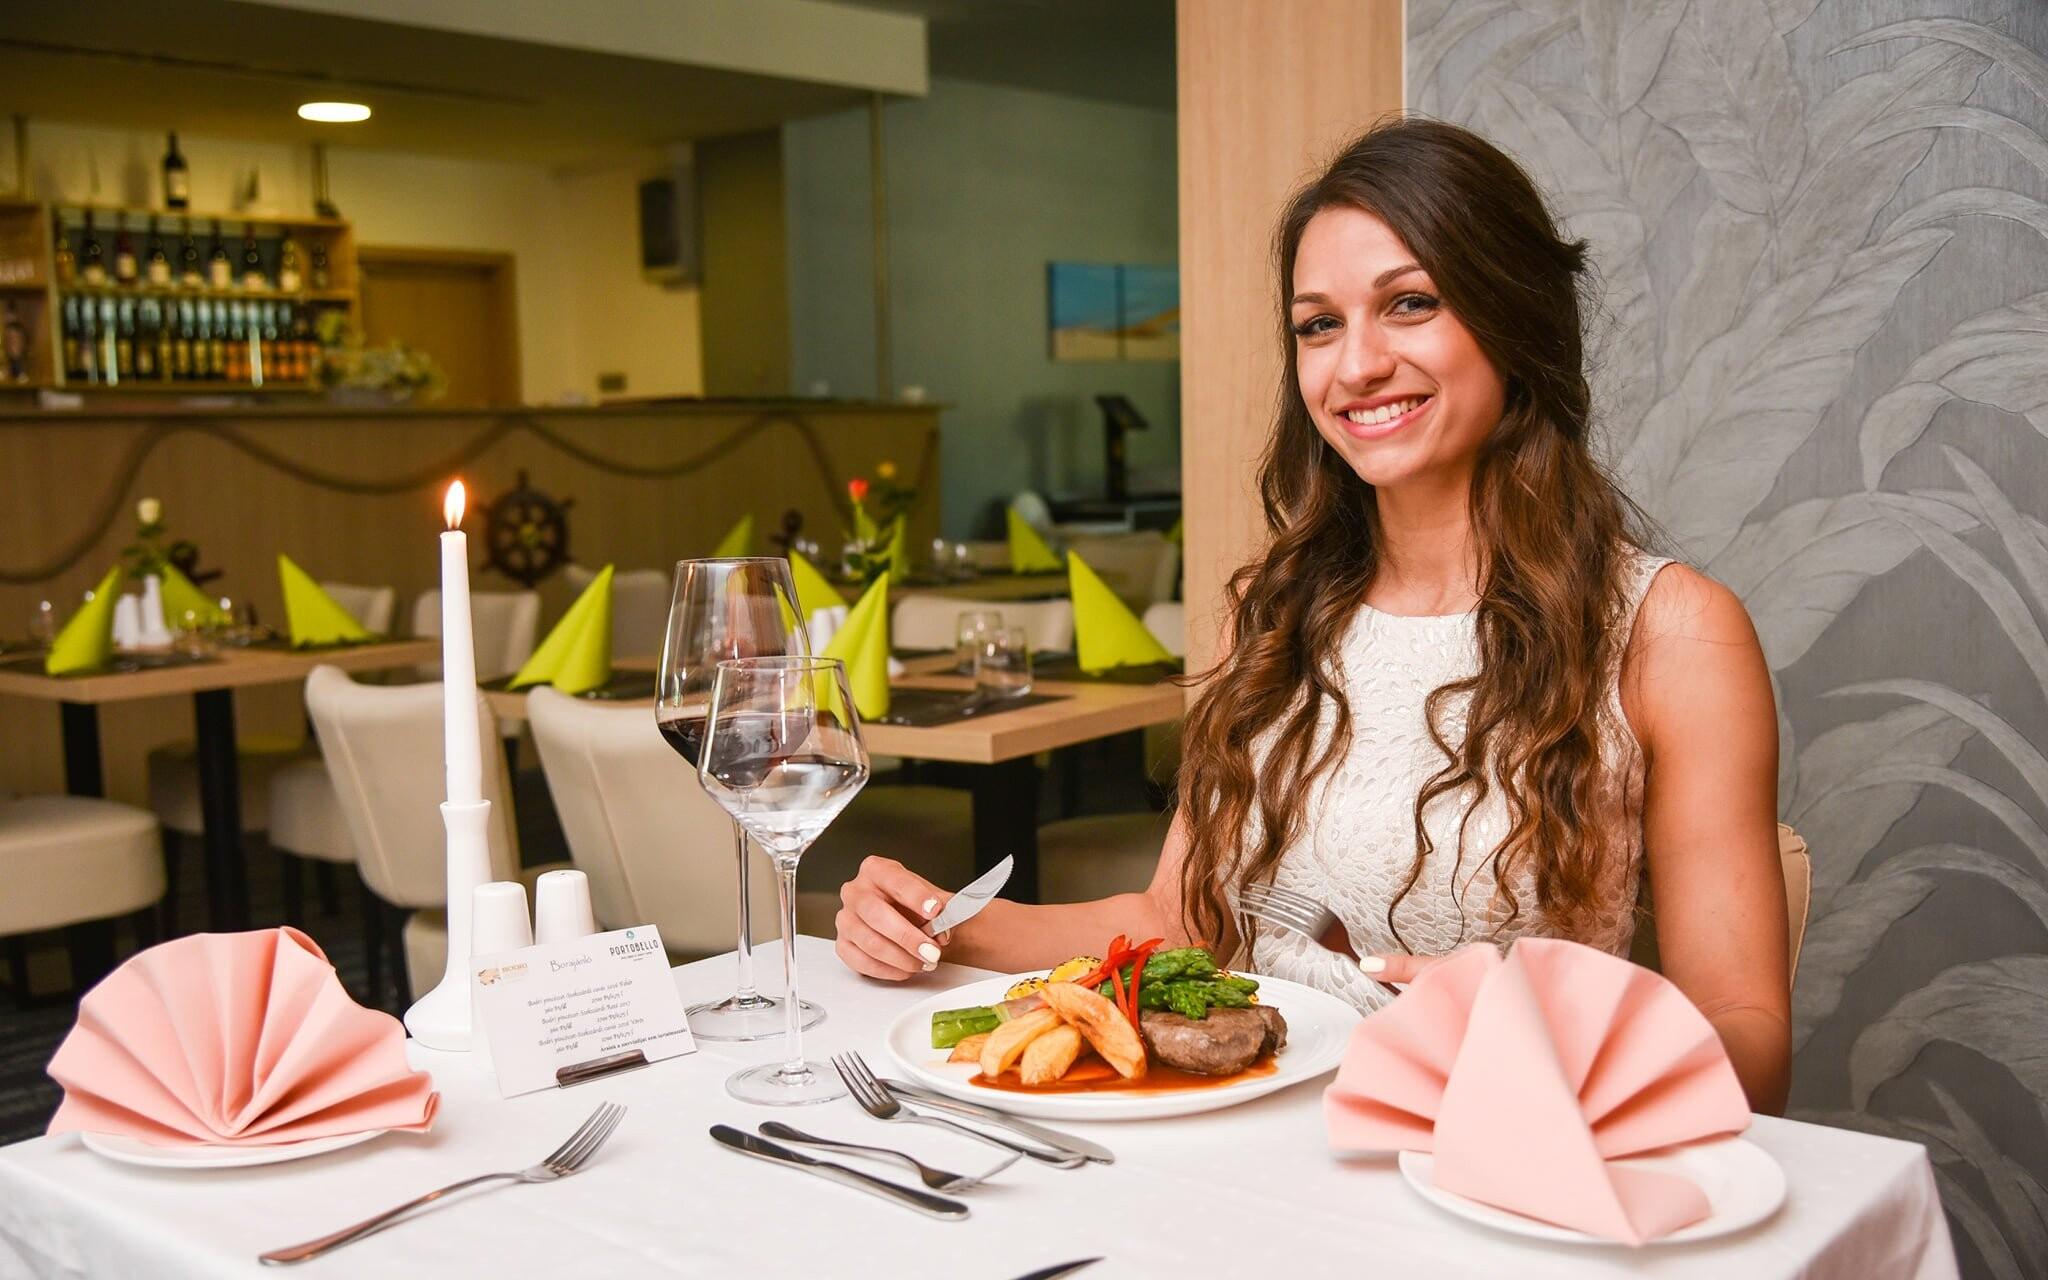 V restauraci jsou podávána jídla jen z kvalitních surovin